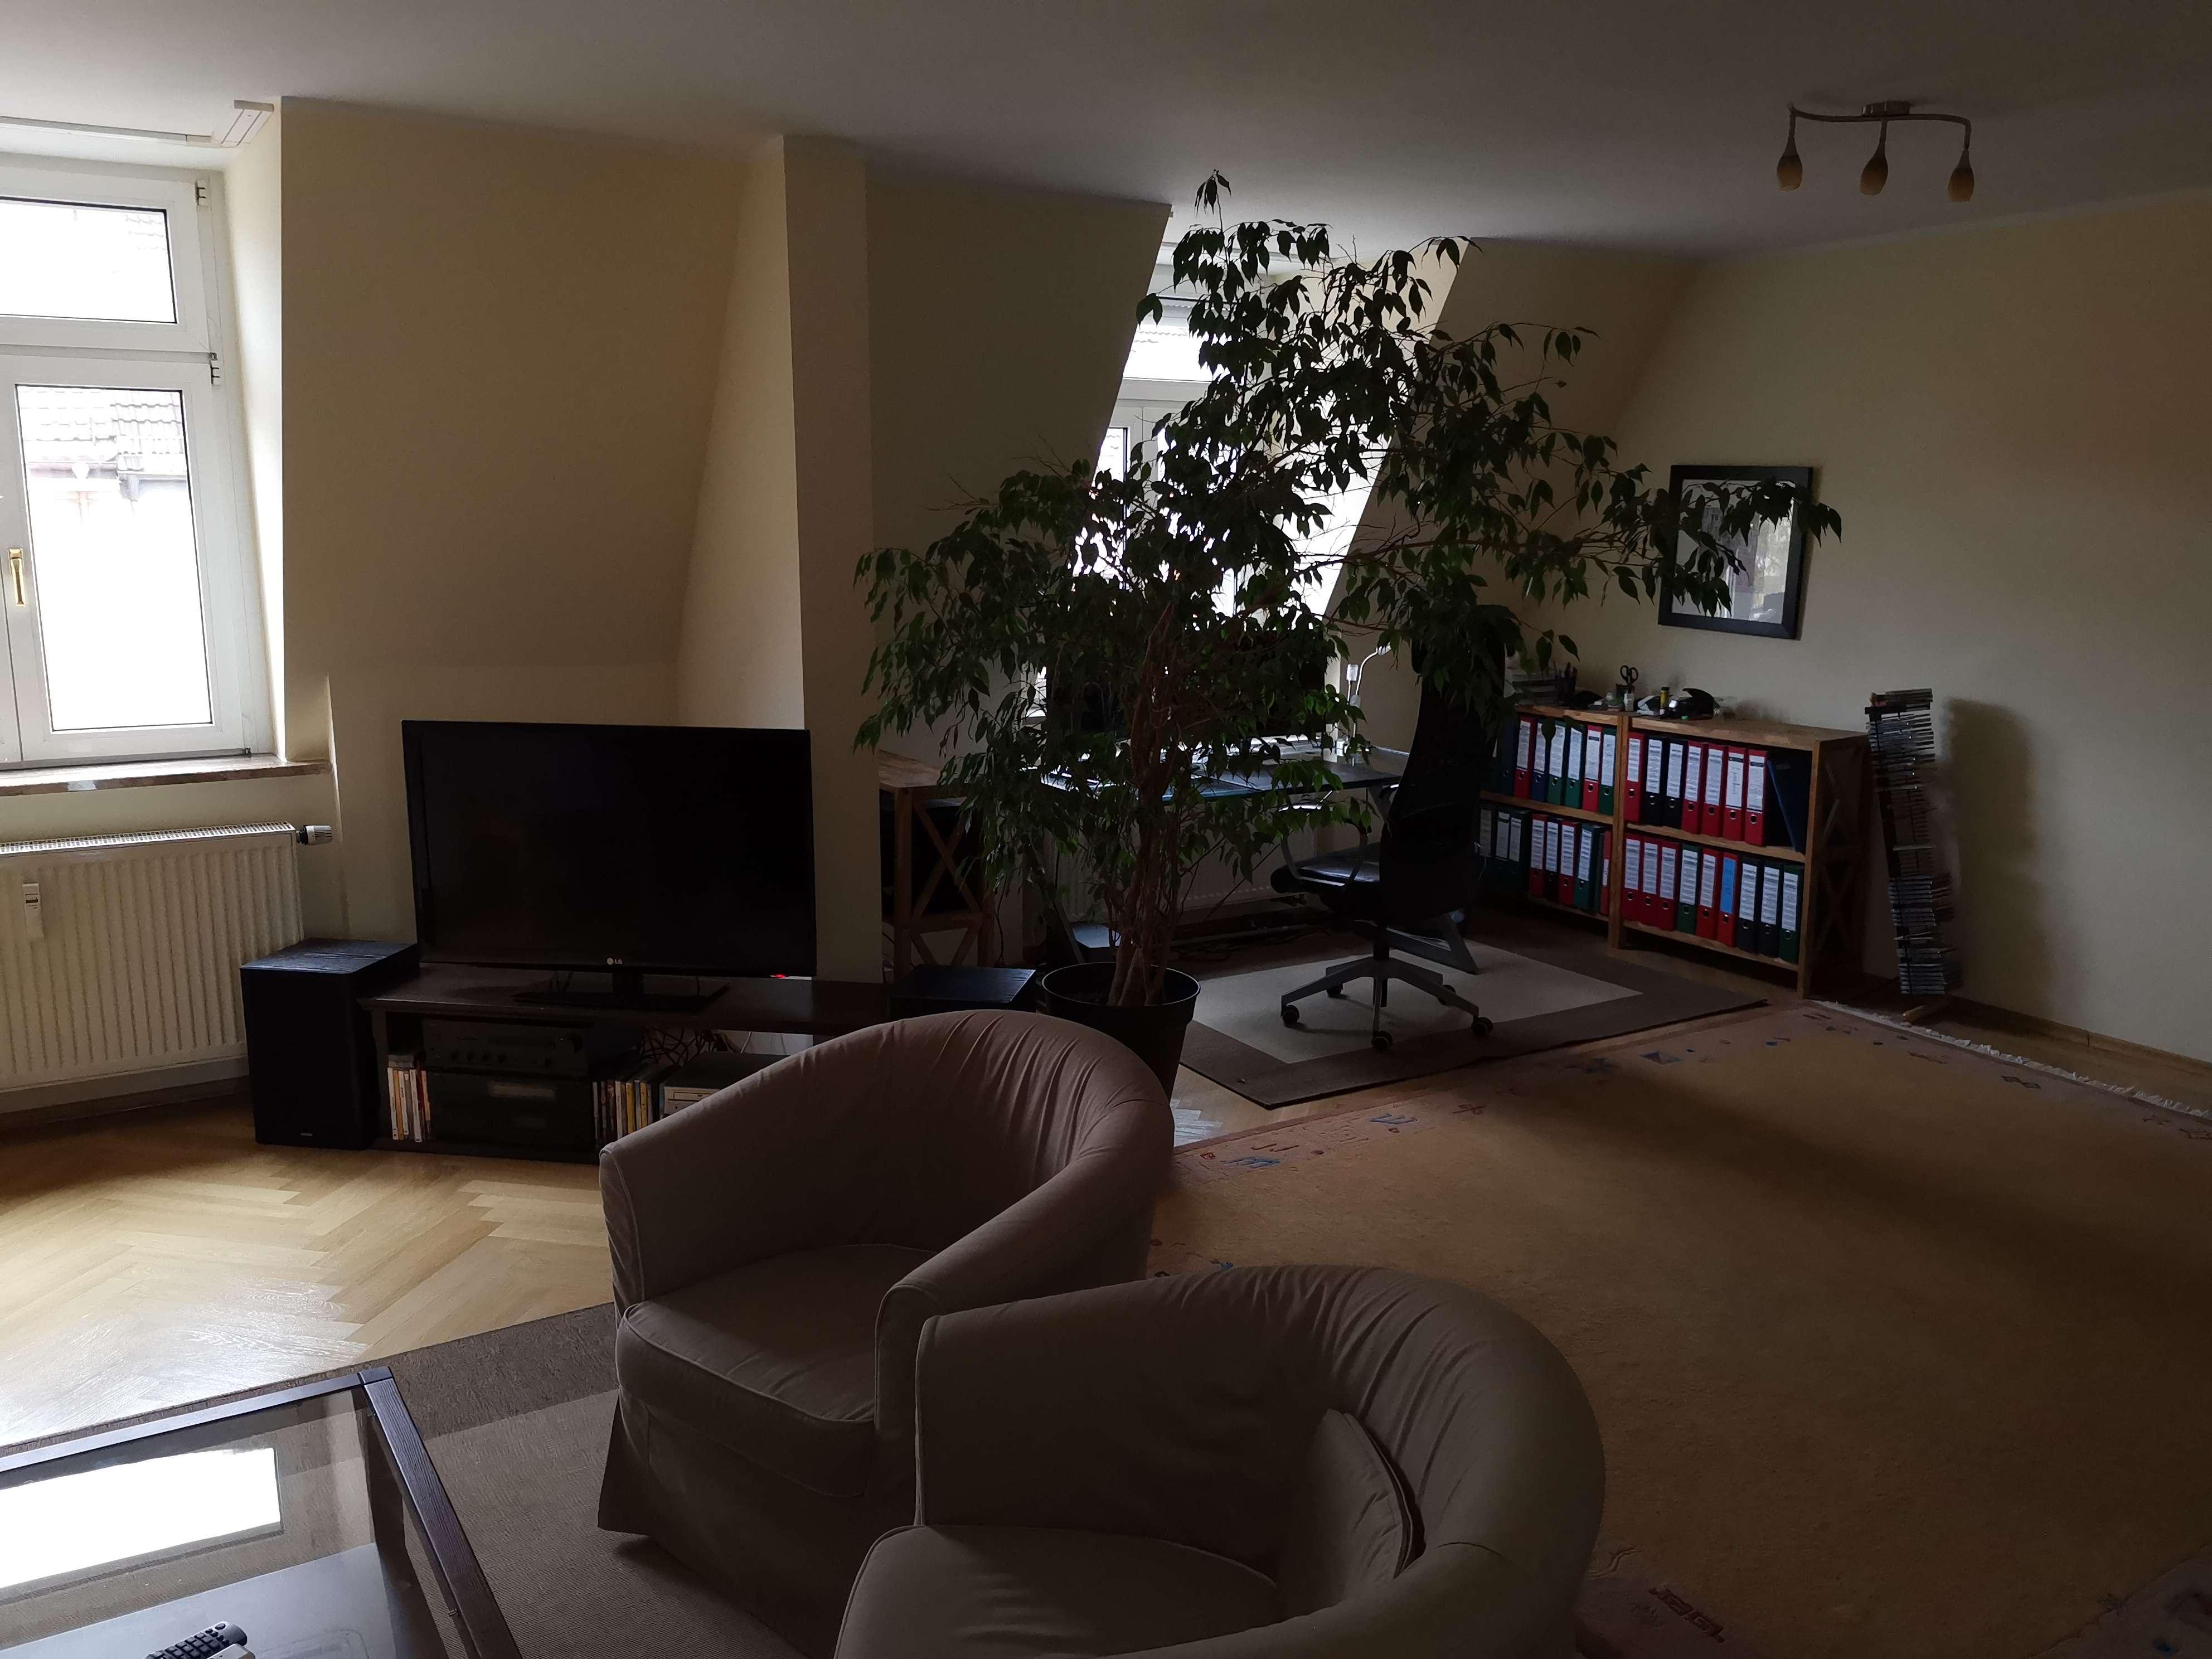 Stilvolle, geräumige und sanierte 2-Zimmer-DG-Wohnung mit Dachwintergarten in Milbertshofen, München in Milbertshofen (München)